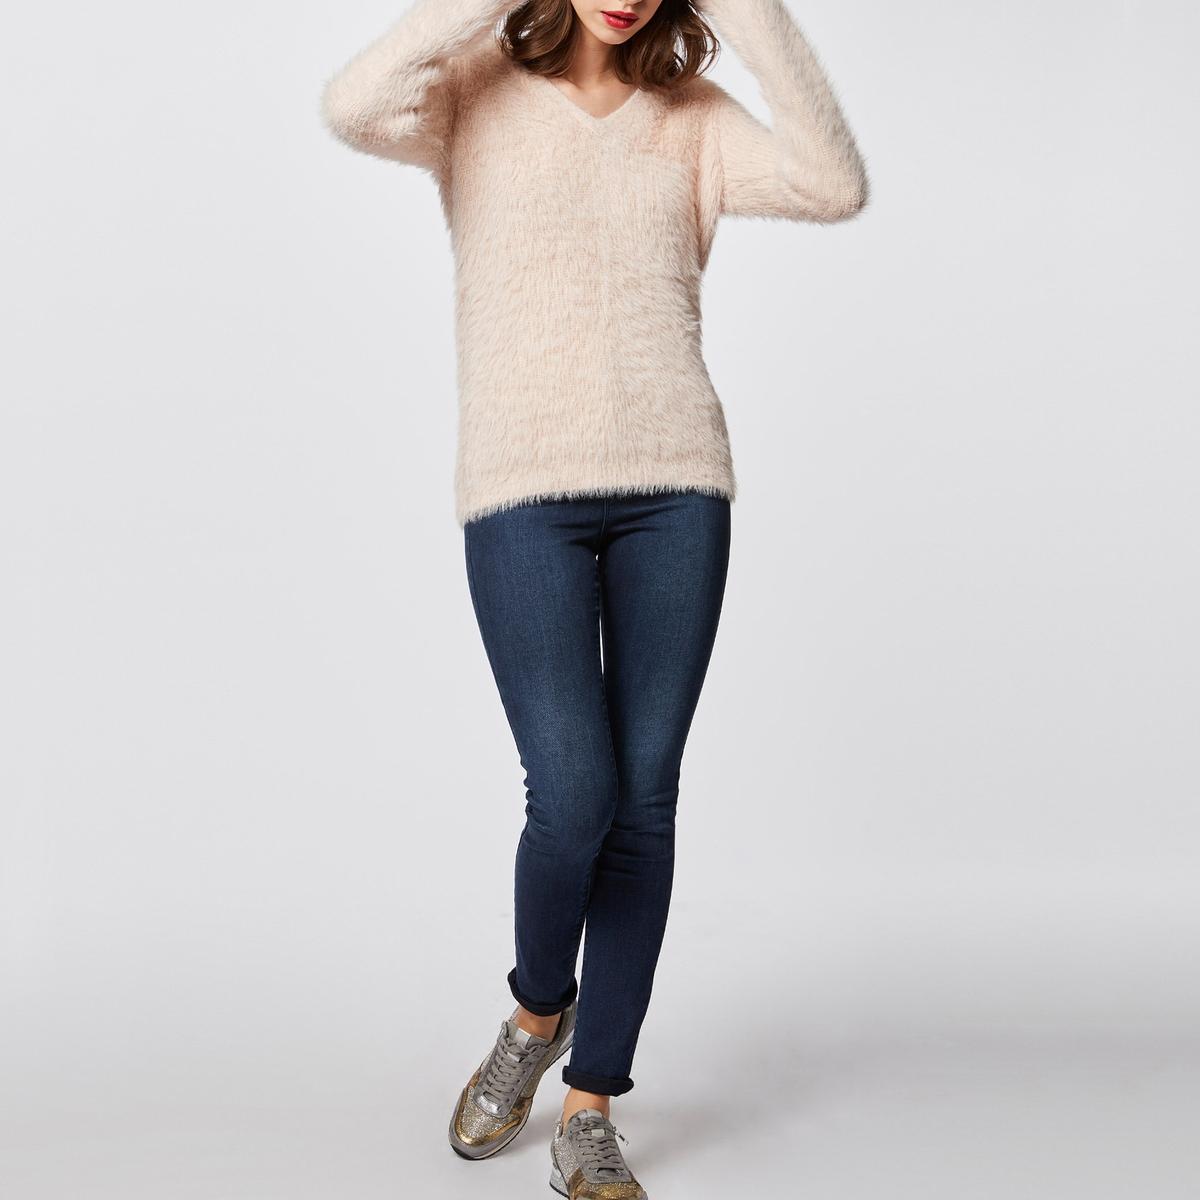 купить Пуловер из тонкого трикотажа с V-образным вырезом по цене 1859.4 рублей